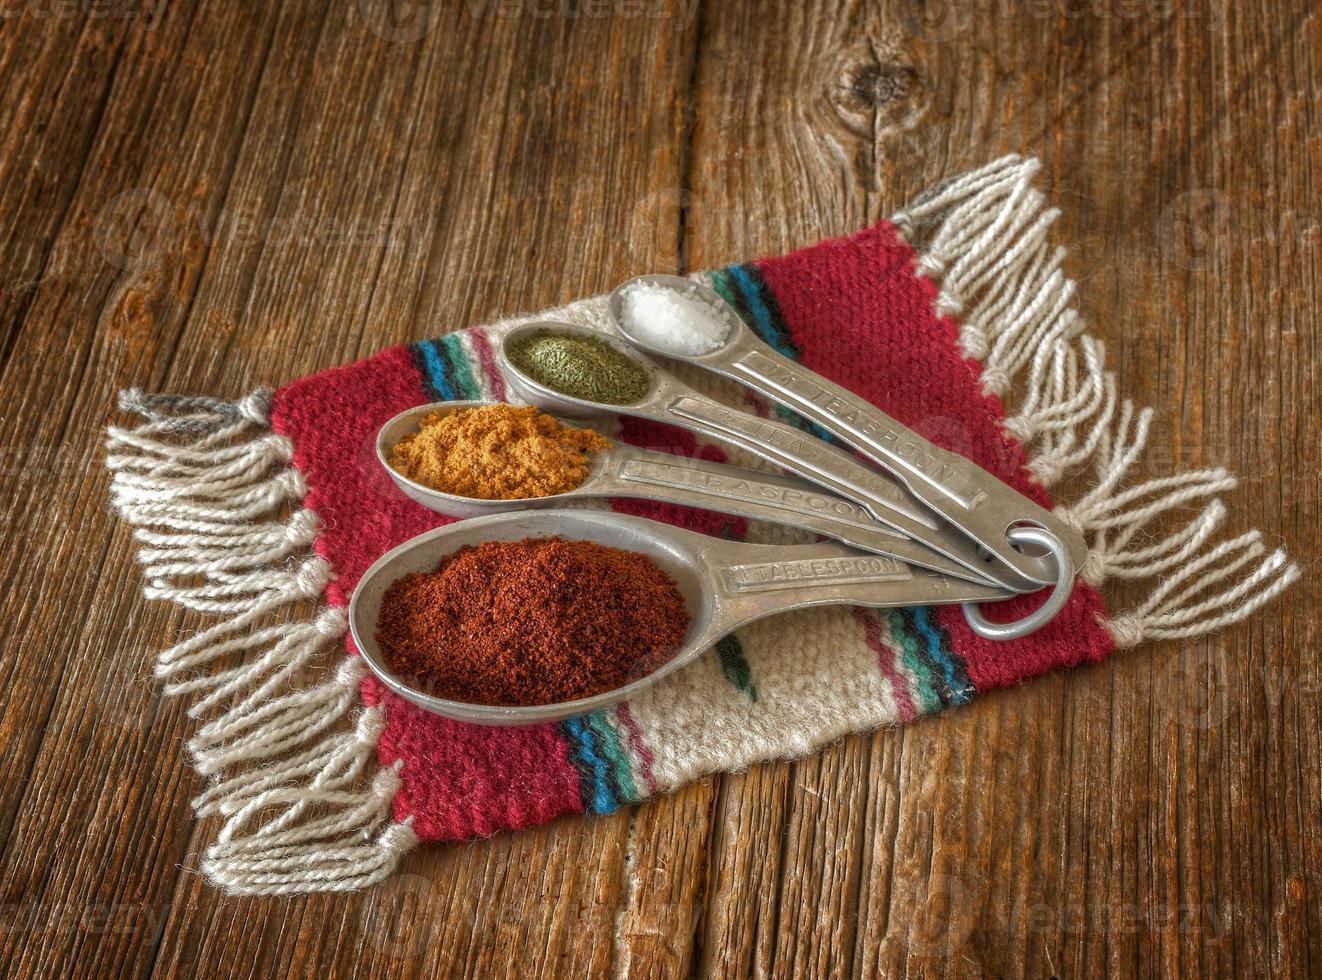 sélection d'épices colorées sur une vieille caisse en bois usée. photo